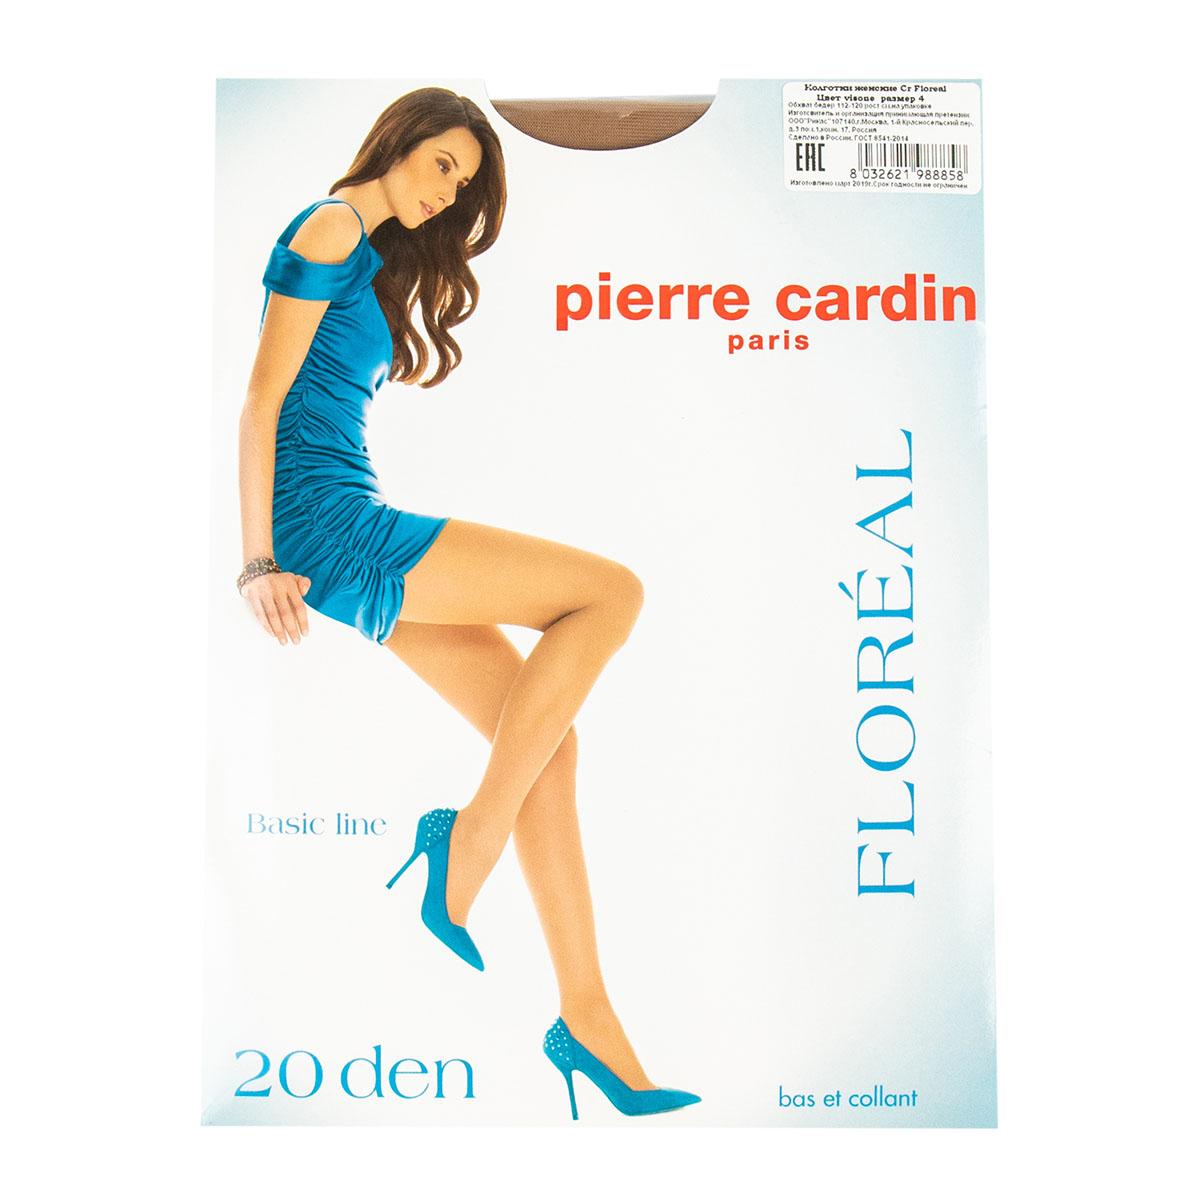 Pierre Cardin Floreal Visione 2 20 den